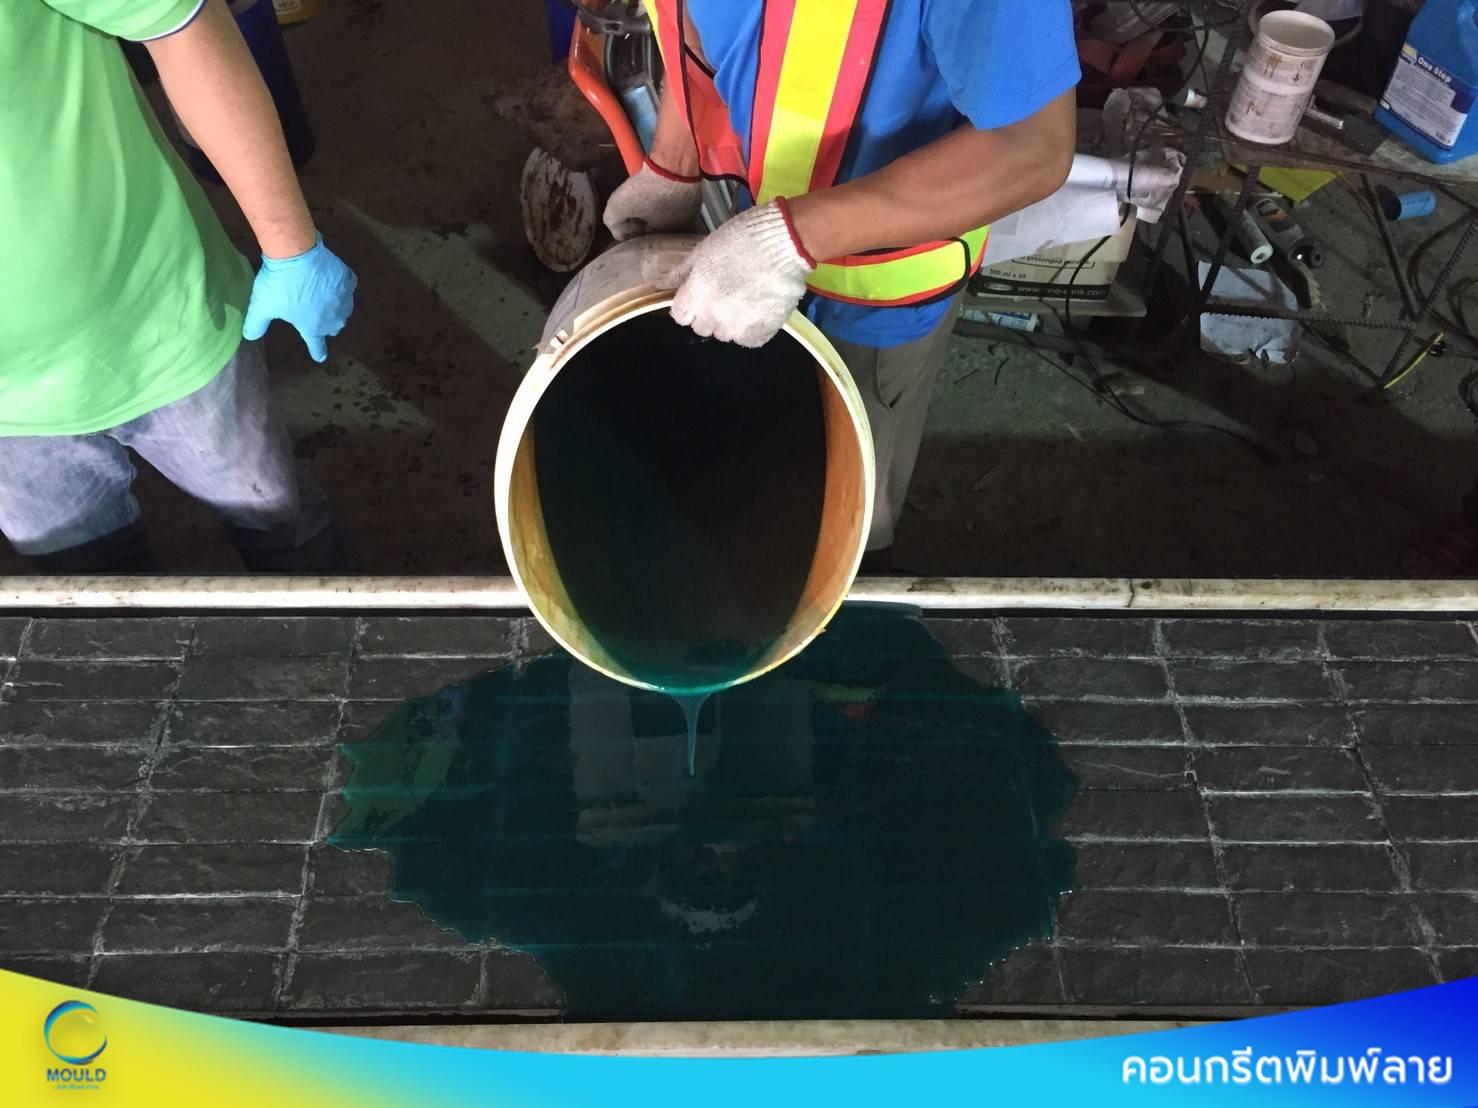 กระบวนการ Casting Resin คอนกรีตพิมพ์ลาย Concrete Stamping แม่พิมพ์คอนกรีต